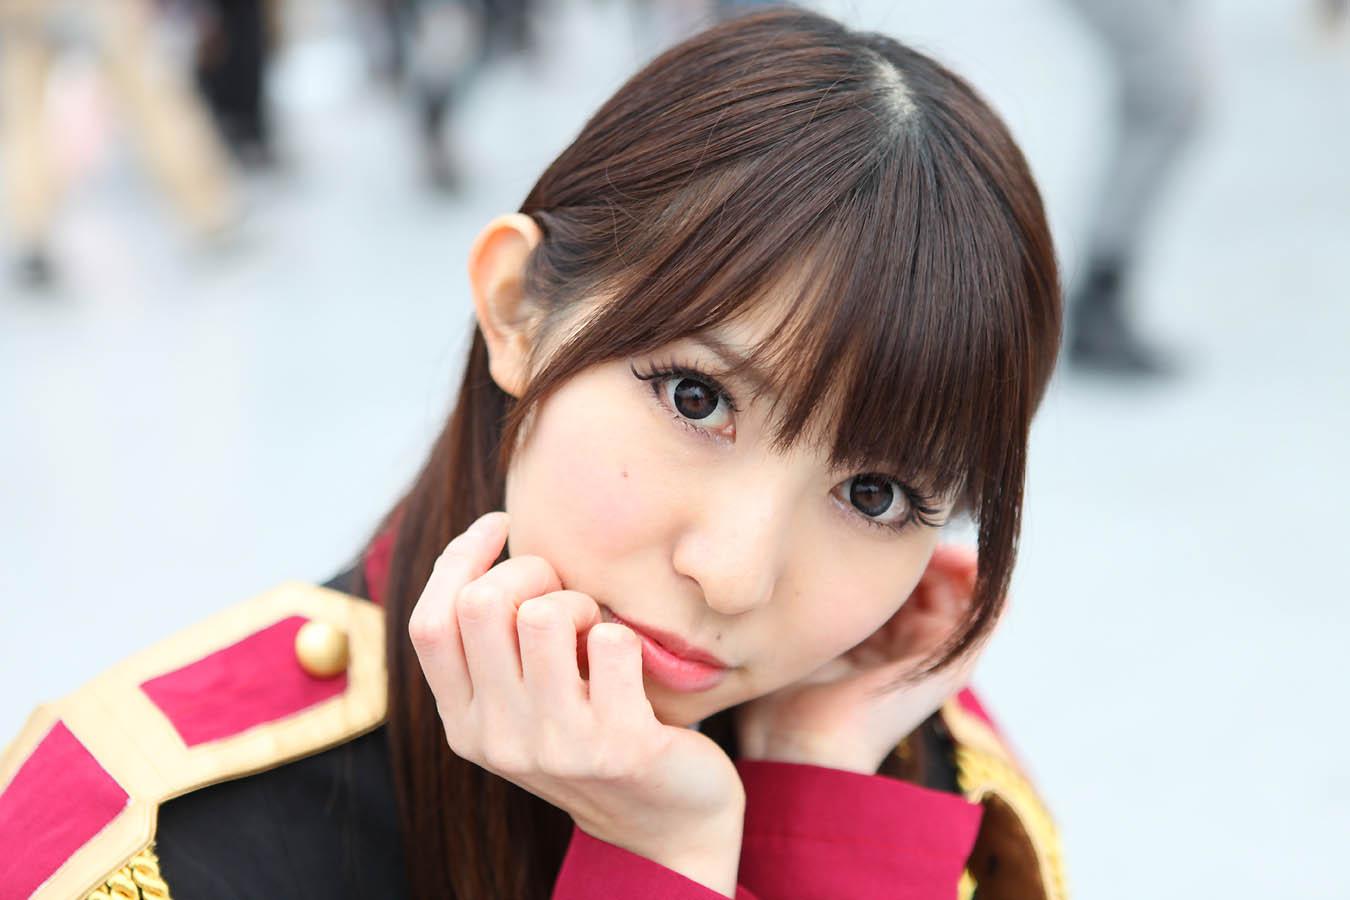 【璃波さん】ワルキューレロマンツェ制服